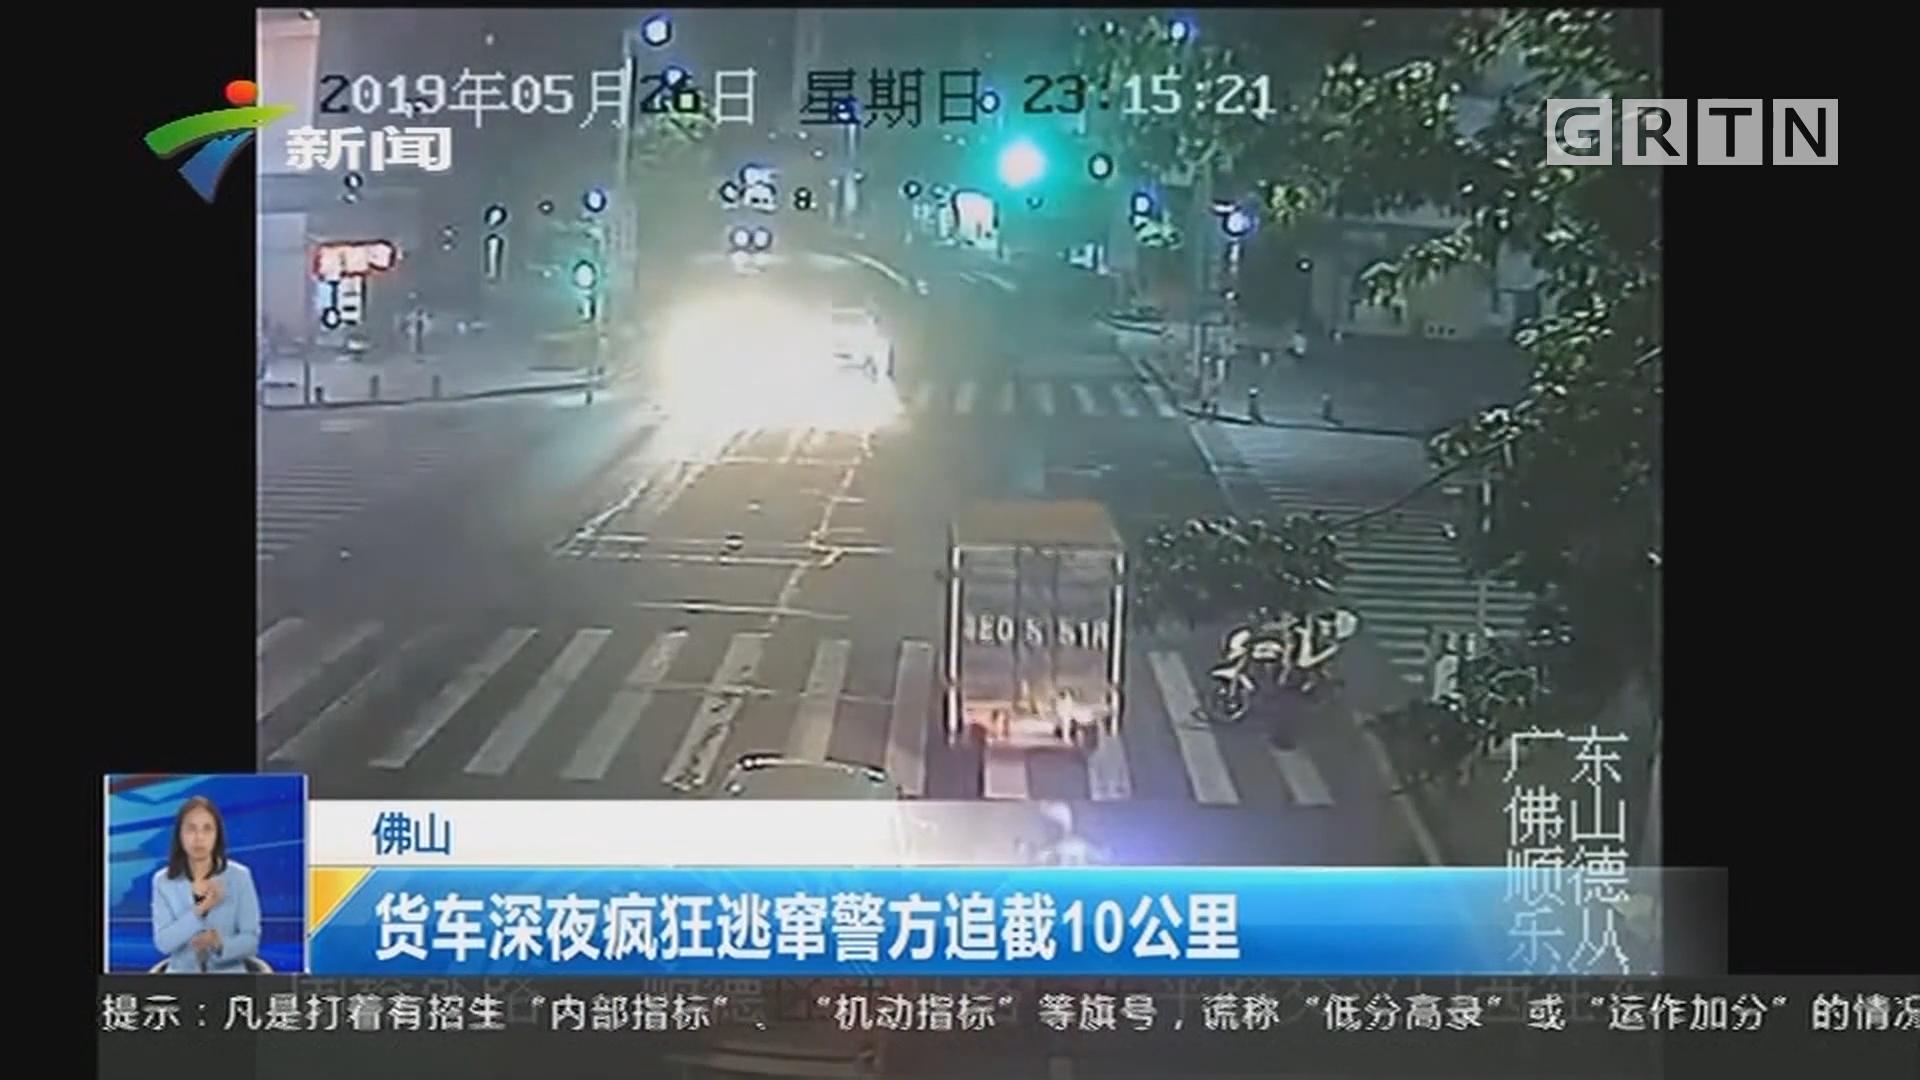 佛山:货车深夜疯狂逃窜警方追截10公里